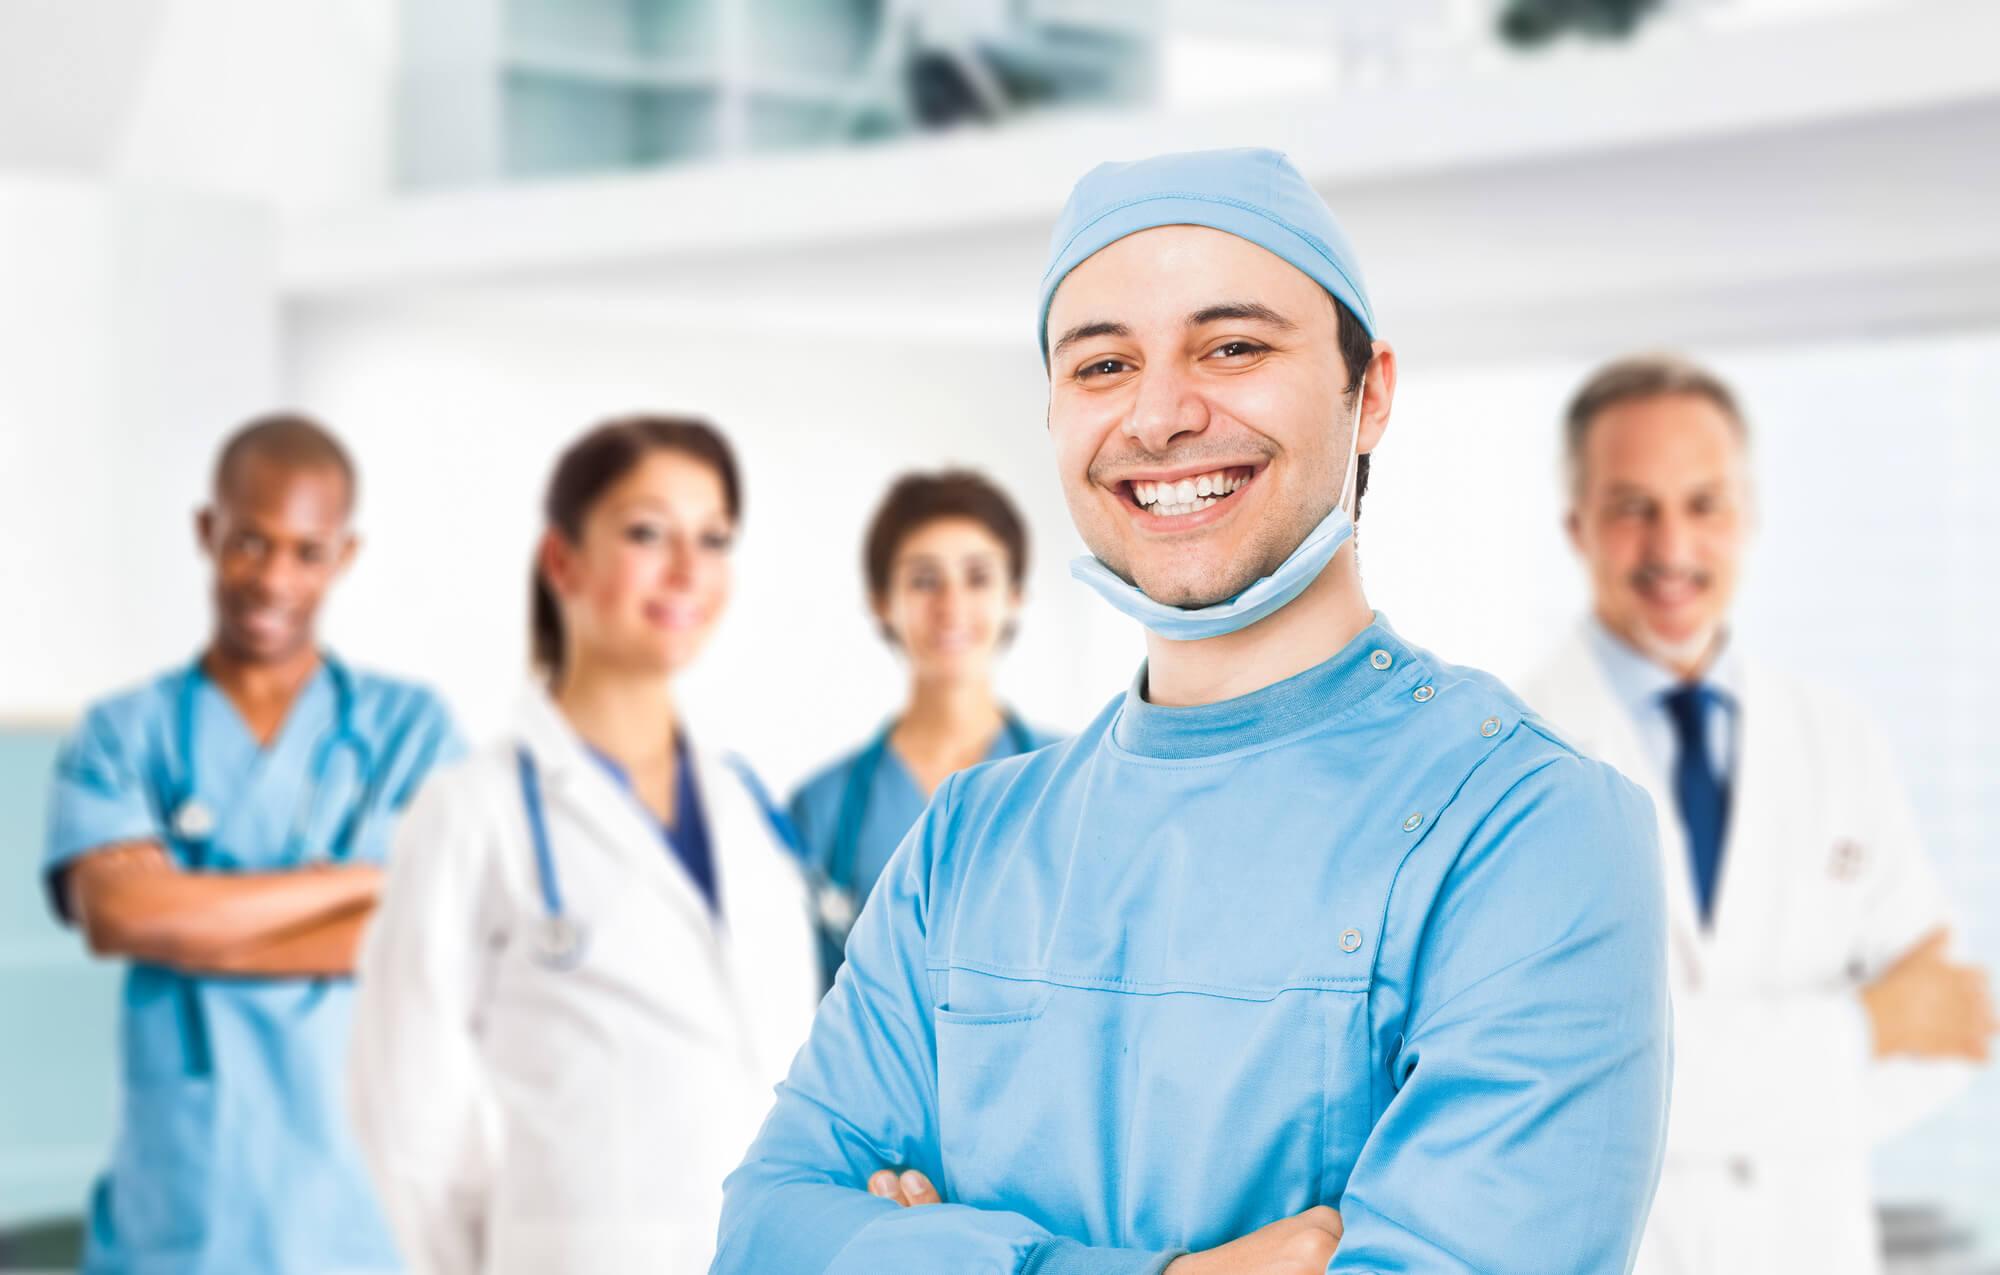 宫腹腔镜联合术的适应症有哪些?术后多久可试孕?